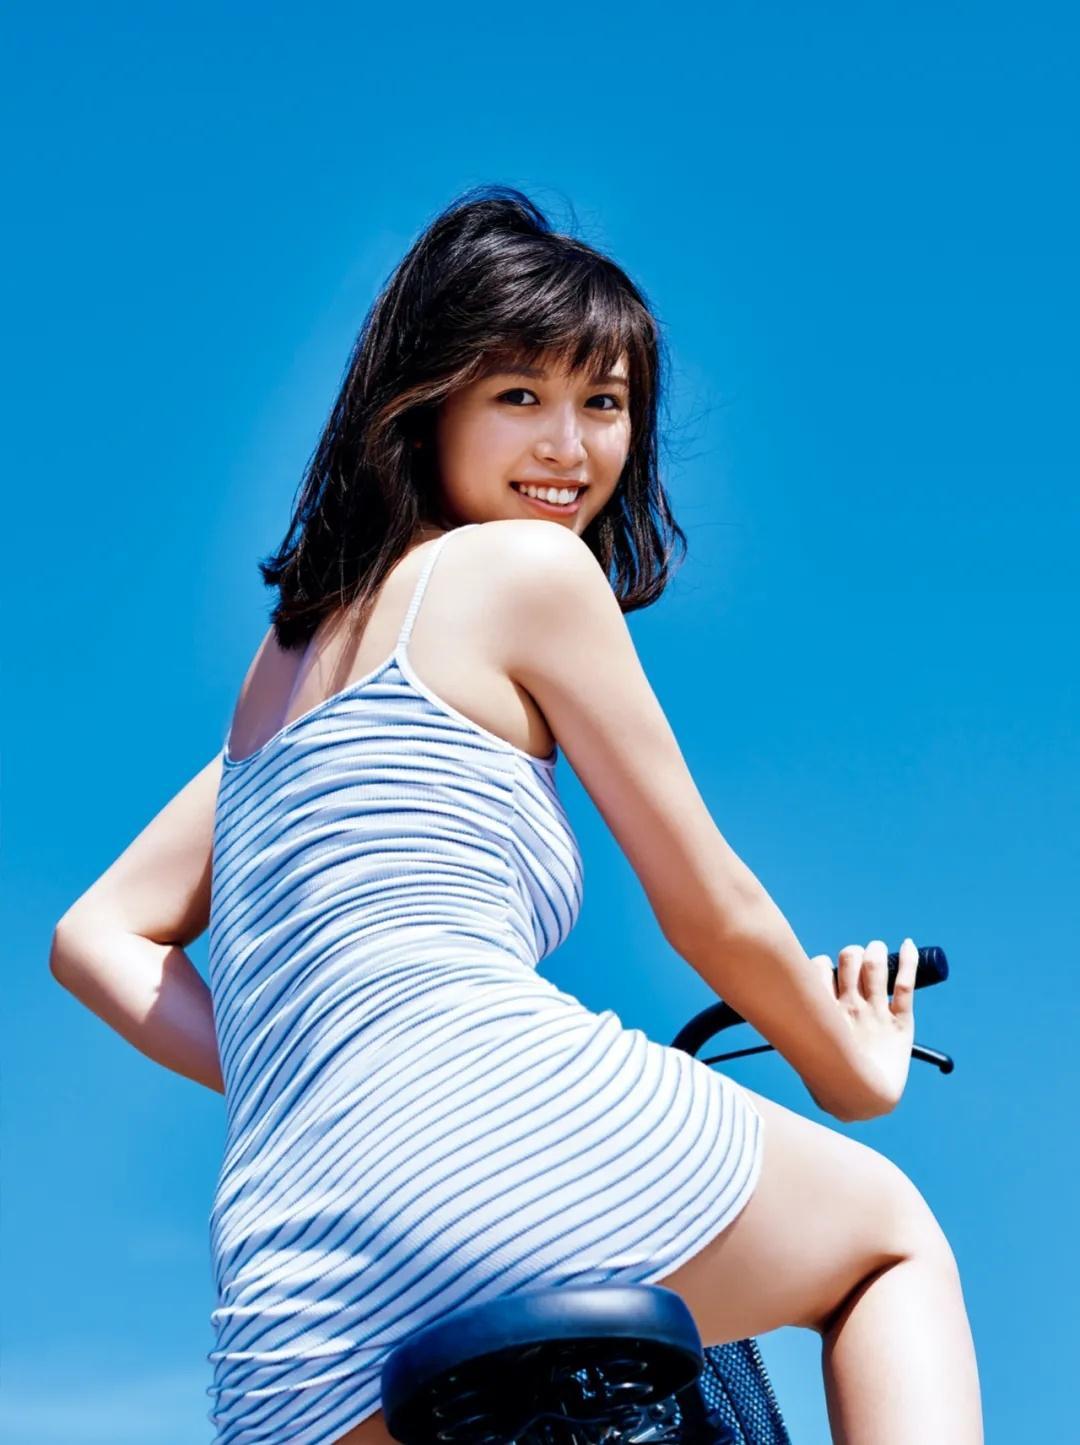 日本美女模特北向珠夕20岁纪念写真集《恋夕》